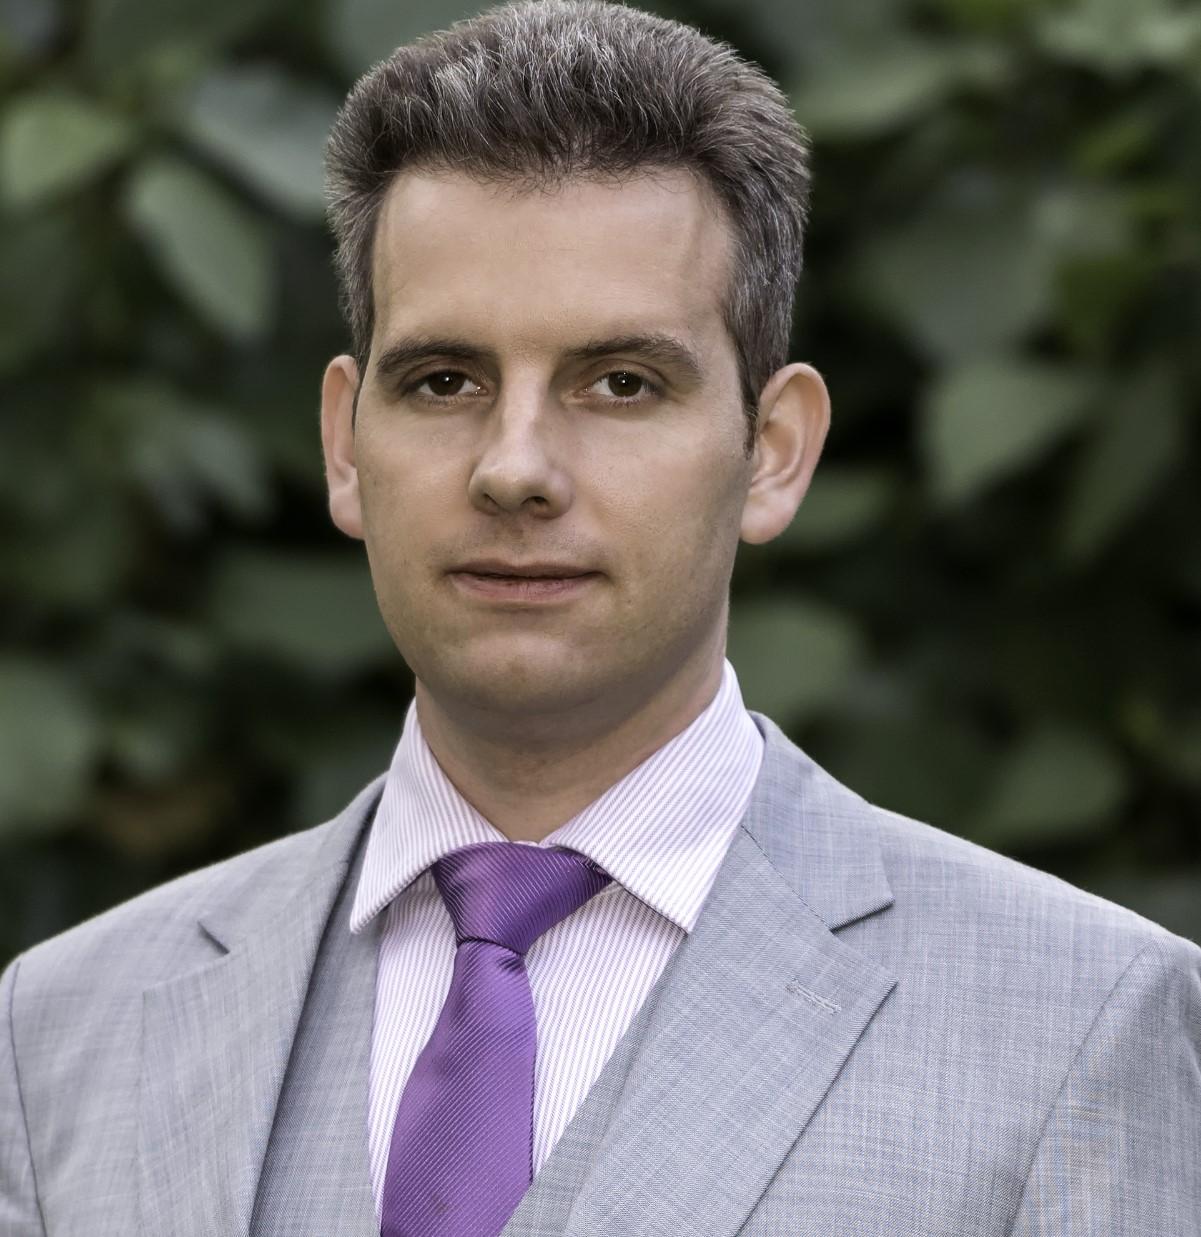 Un checo es el ganador del Premio a la Diplomacia Comprometida en Cuba 2016-2018